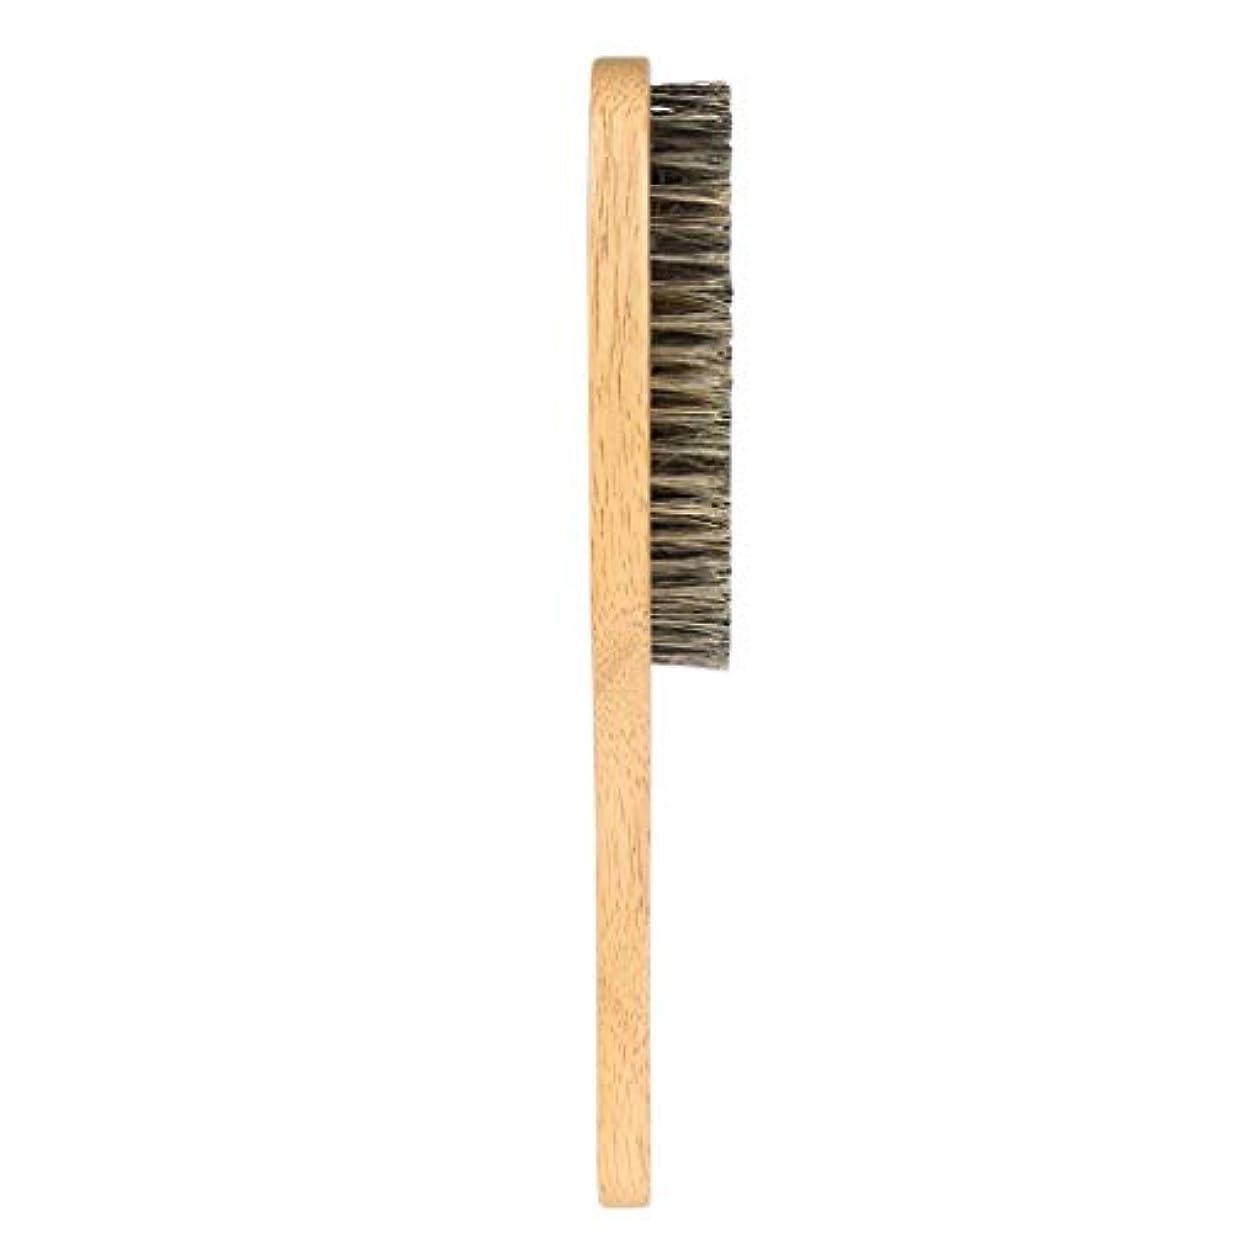 ブランク夫保持Toygogo 男性合成繊維ひげ口ひげブラシ顔毛シェービングブラシw/ハンドル